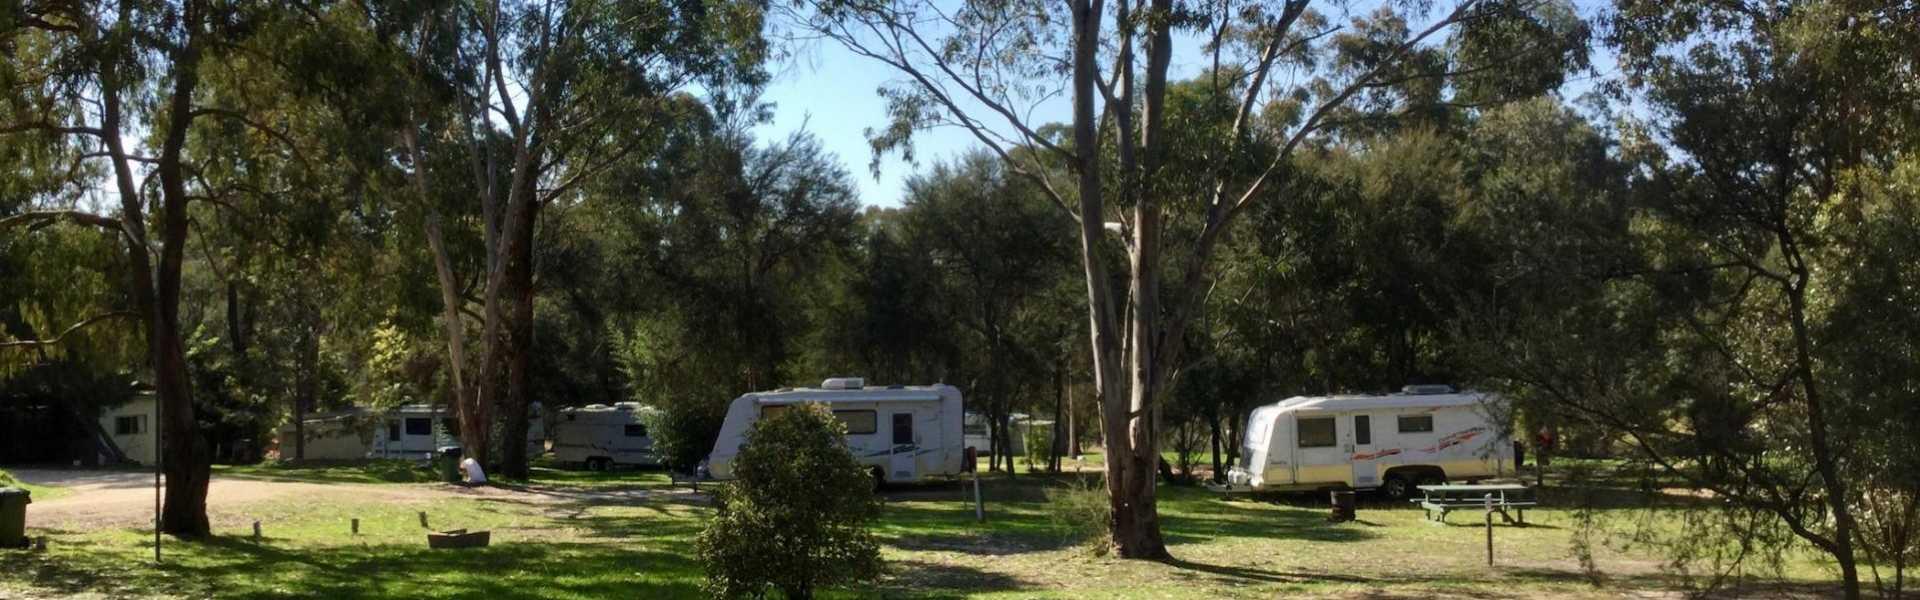 Kui Parks, Nicholson, Bushland Cabin & Caravan Park, Sites